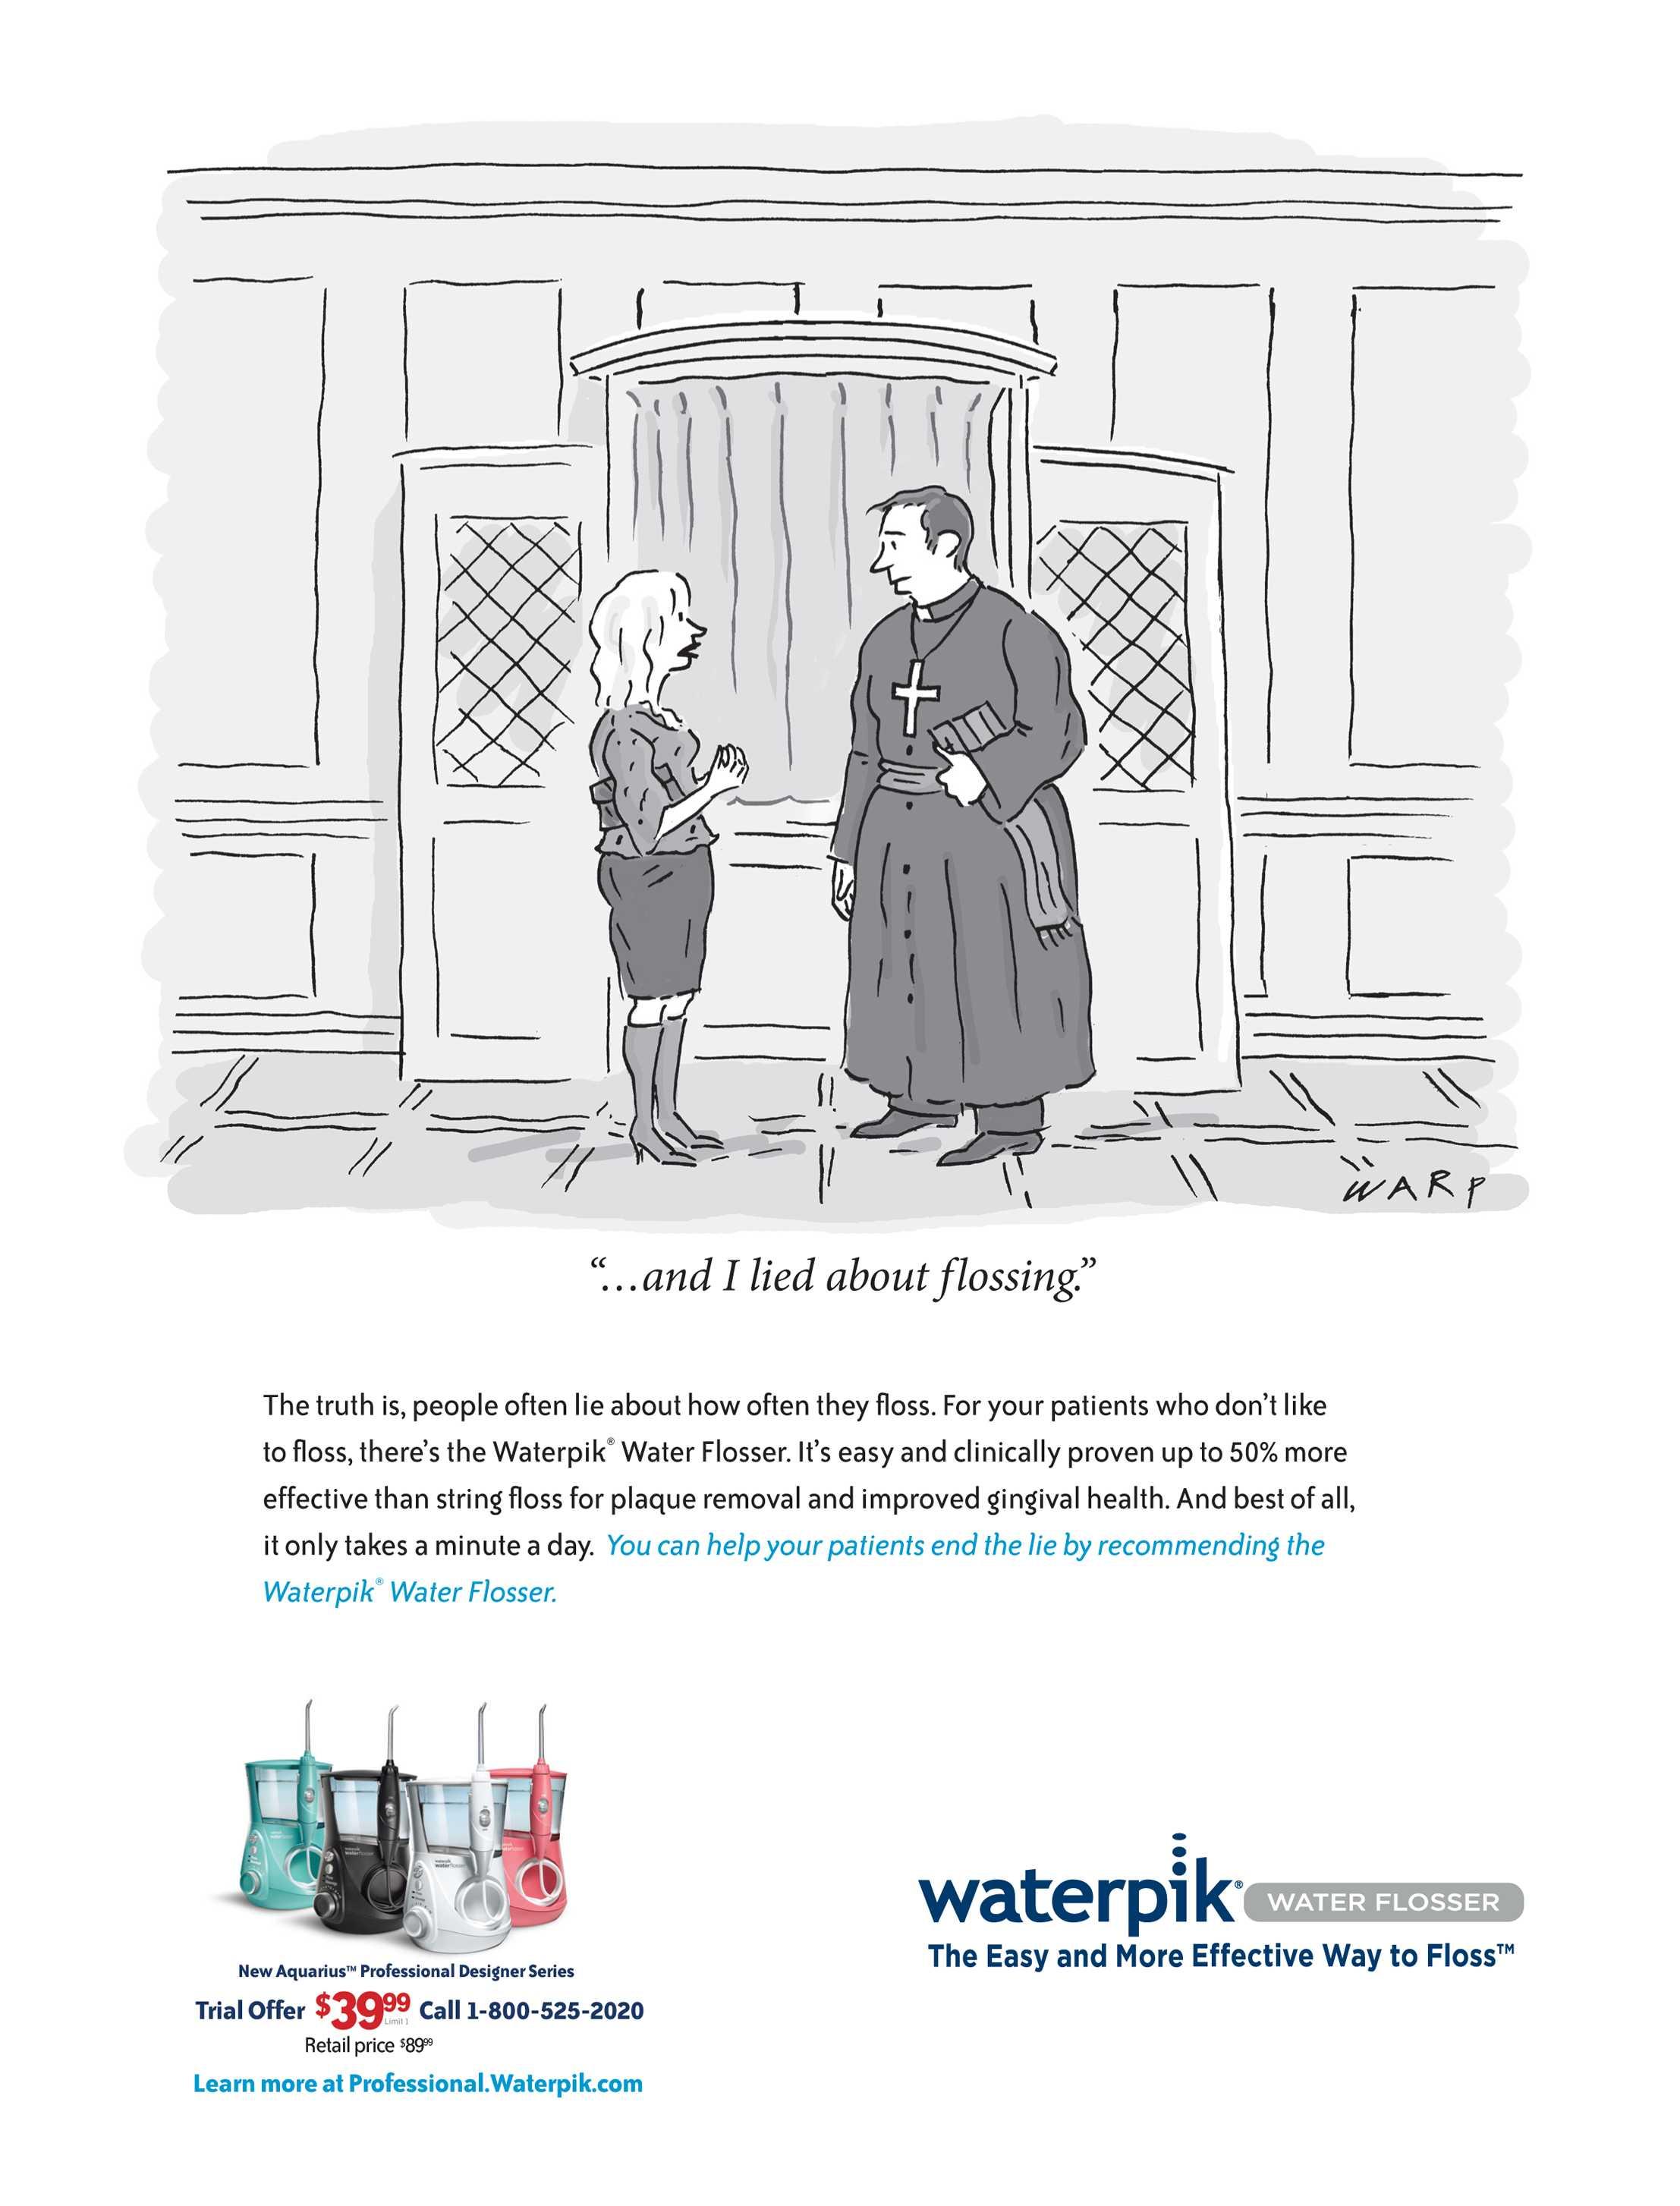 Best Water Flosser 2020 Registered Dental Hygienist   October 2014   page 79